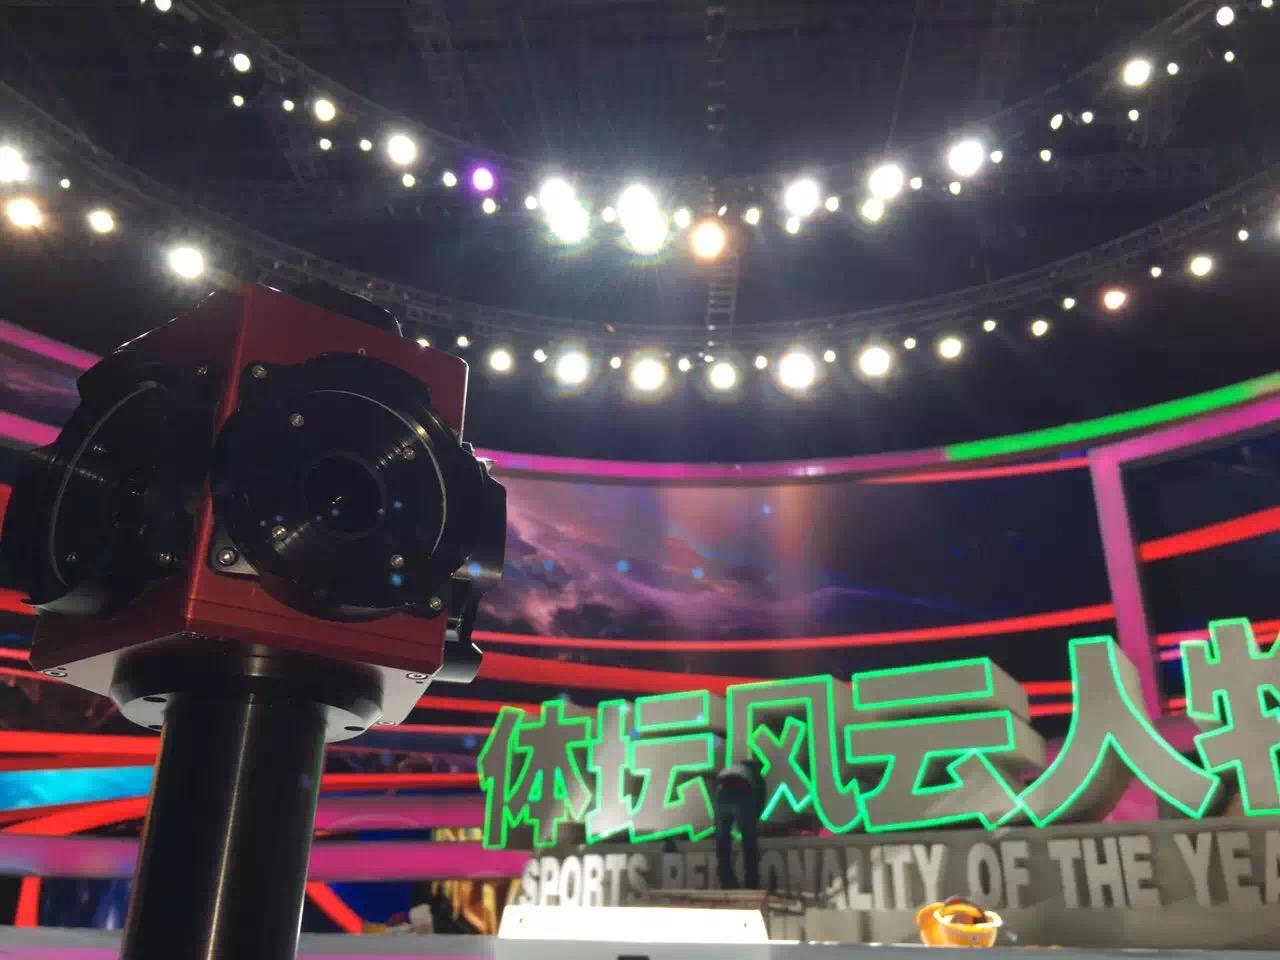 2015体坛风云人物 央视网首次采用360度全景直播